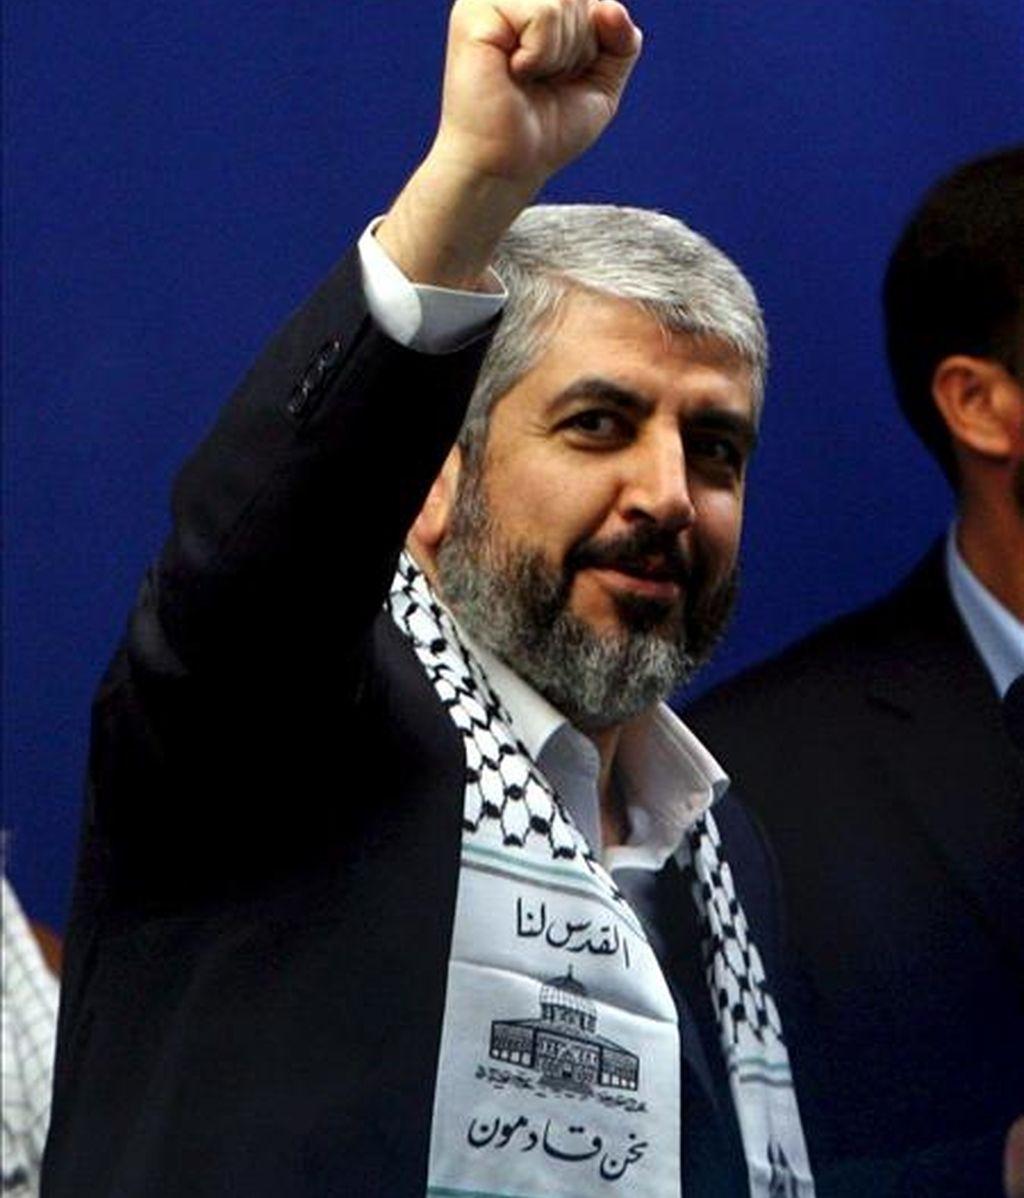 Un miembro de la delegación de Hamás que negocia una tregua duradera con Israel, con la mediación egipcia, ha asegurado en El Cairo que su grupo aún no tiene todas las garantías de que Israel se vaya a comprometer con un acuerdo alcanzado con Egipto. En la imagen, el máximo líder del grupo islamista palestino Hamás, Jaled Meshaal, saluda a sus simpatizantes a su llegada a una ceremonia en Teherán (Irán), el 2 de febrero. EFE